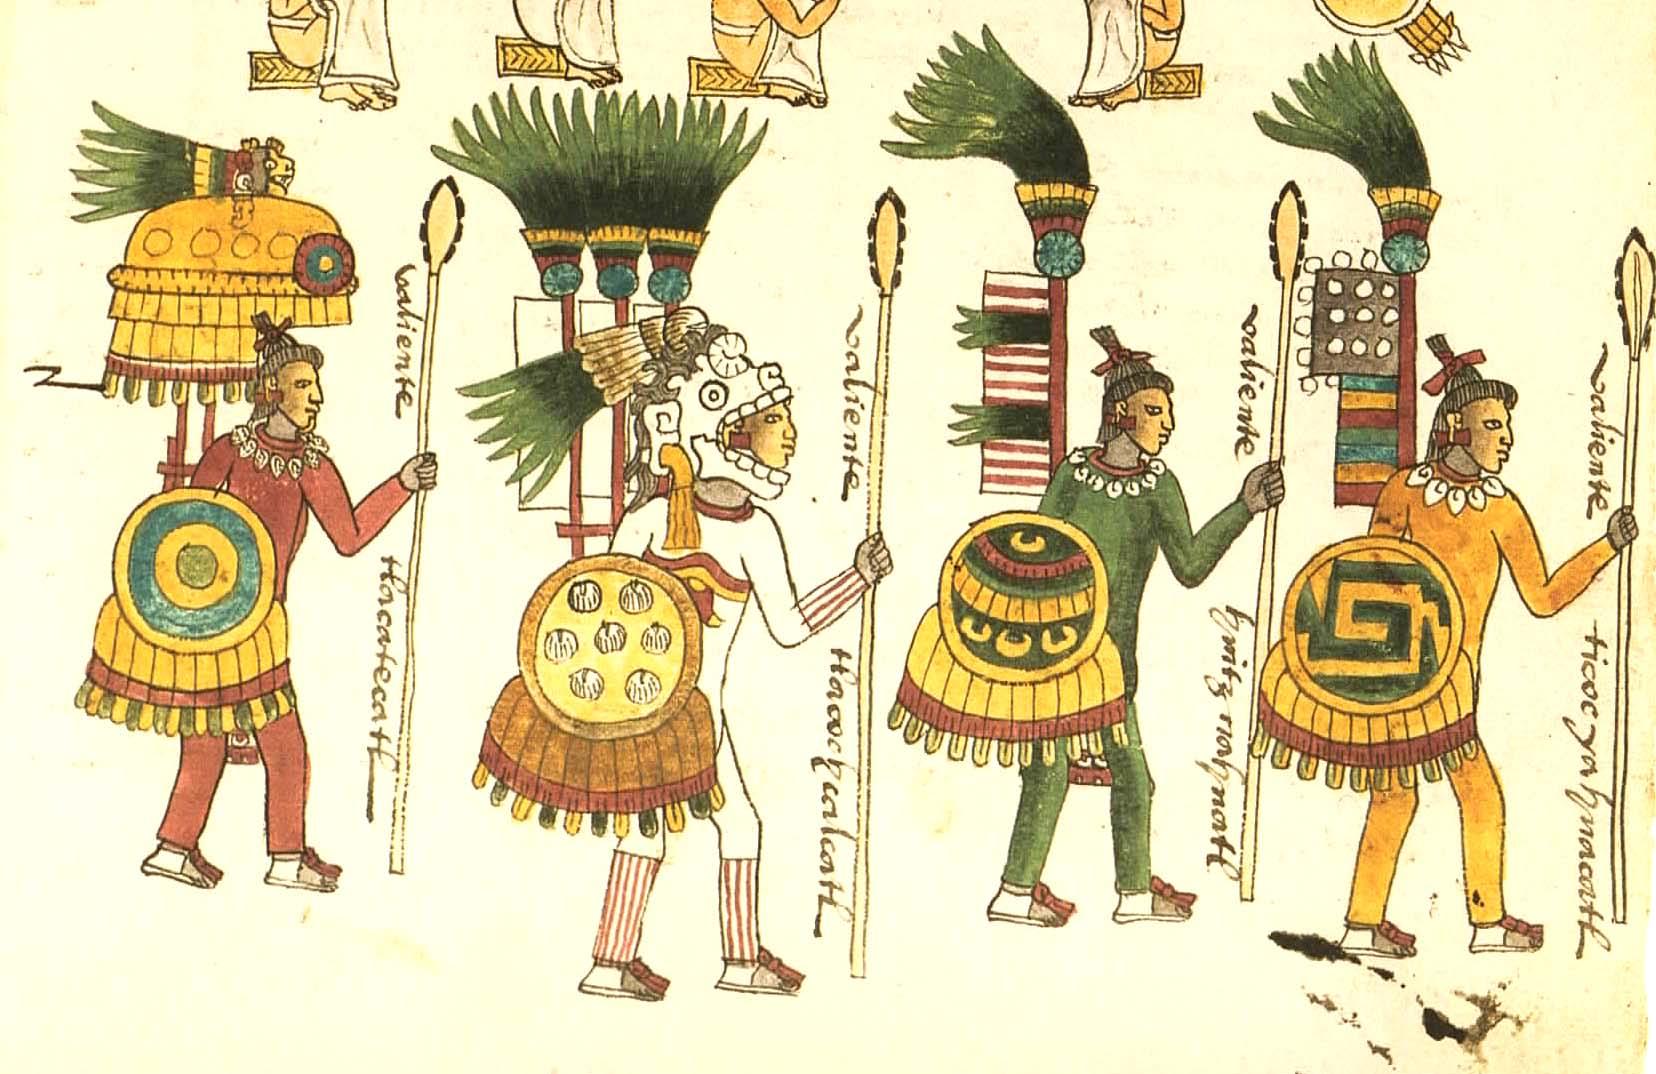 Guerreros que realmente existieron  en la Civilización Azteca Codex_Mendoza_folio_67r_bottom